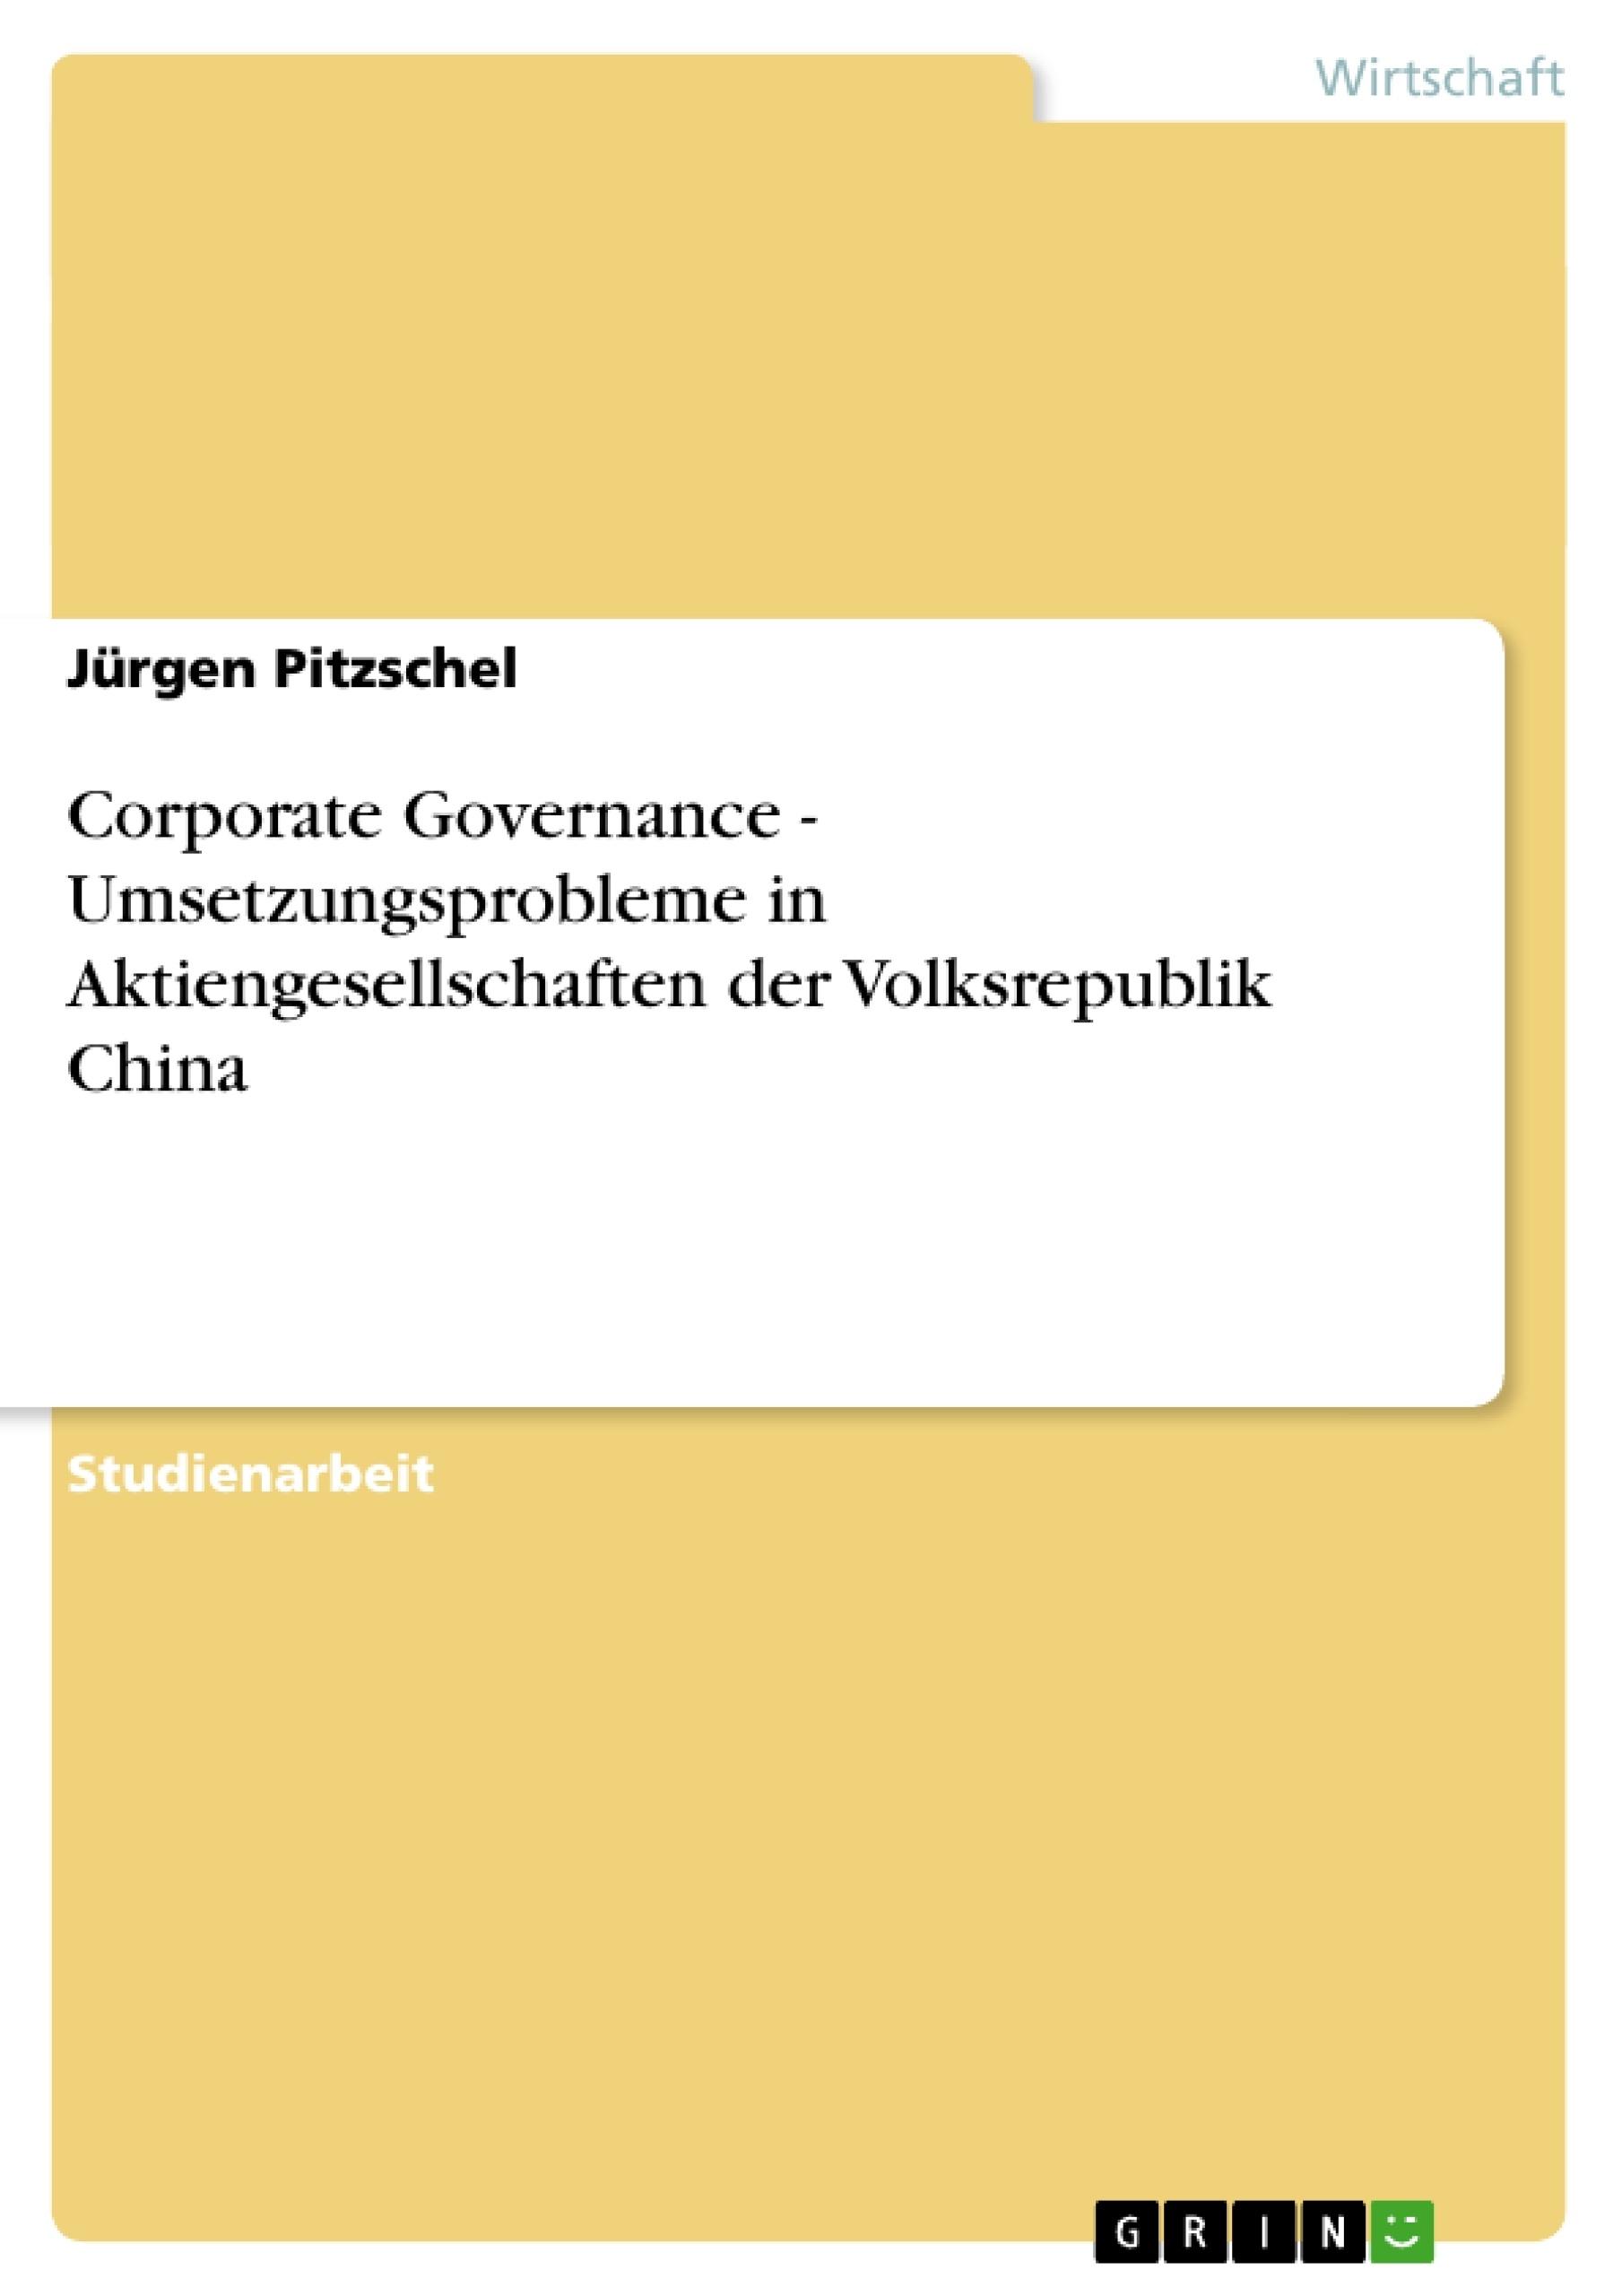 Titel: Corporate Governance - Umsetzungsprobleme in Aktiengesellschaften der Volksrepublik China